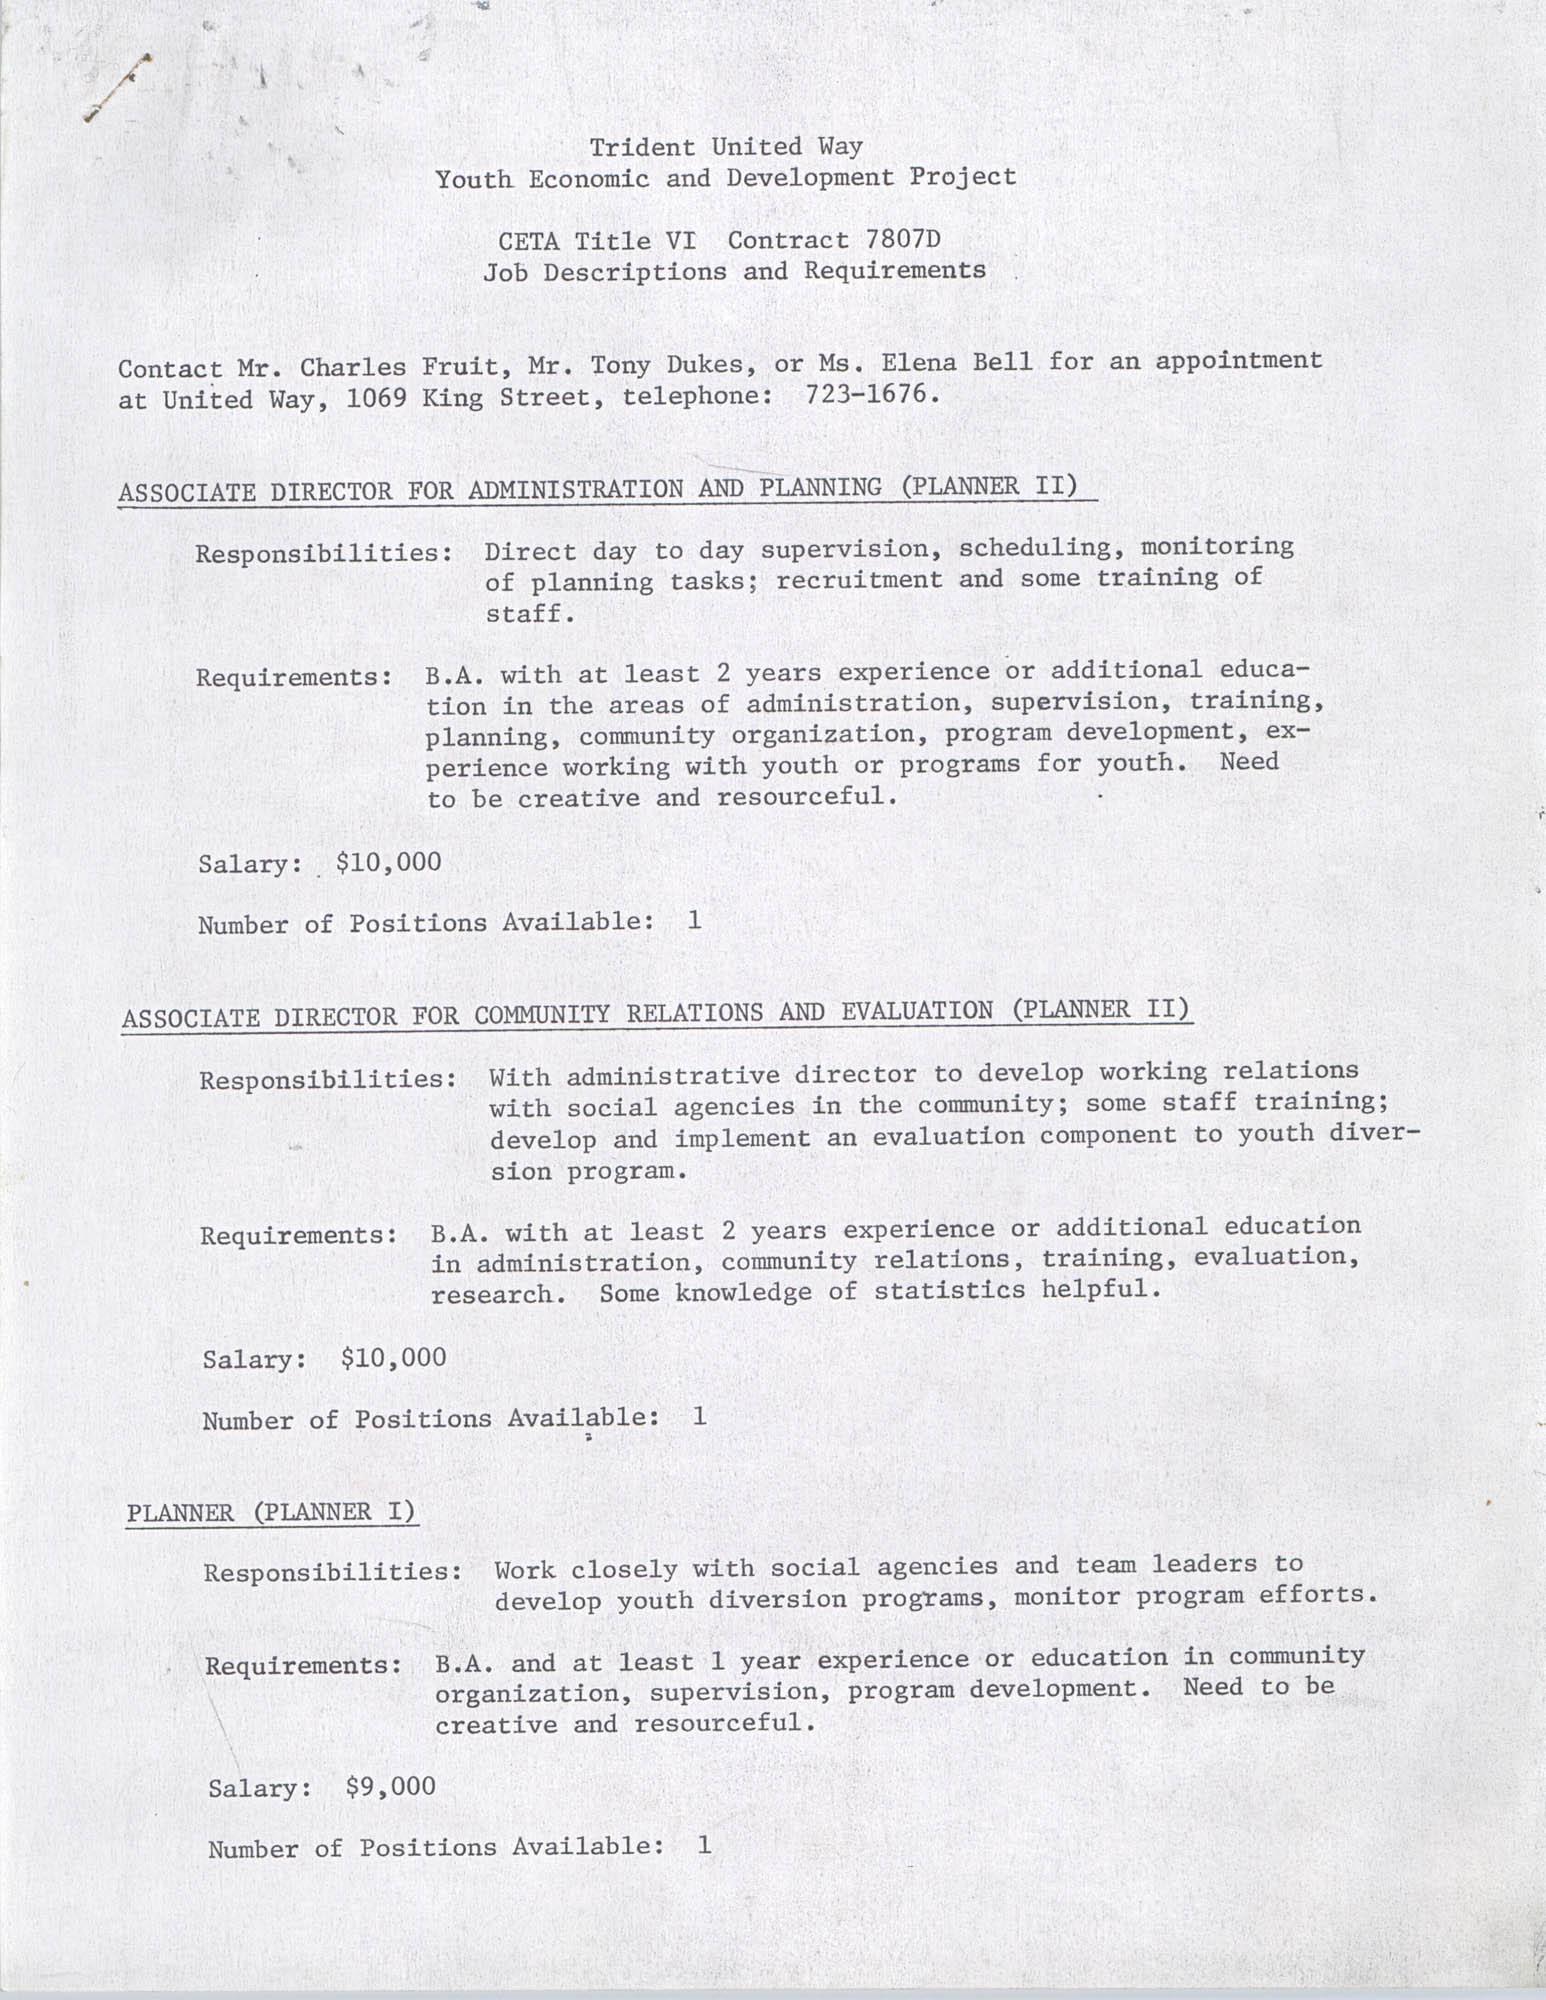 CETA Title IV Job Descriptions and Requirements